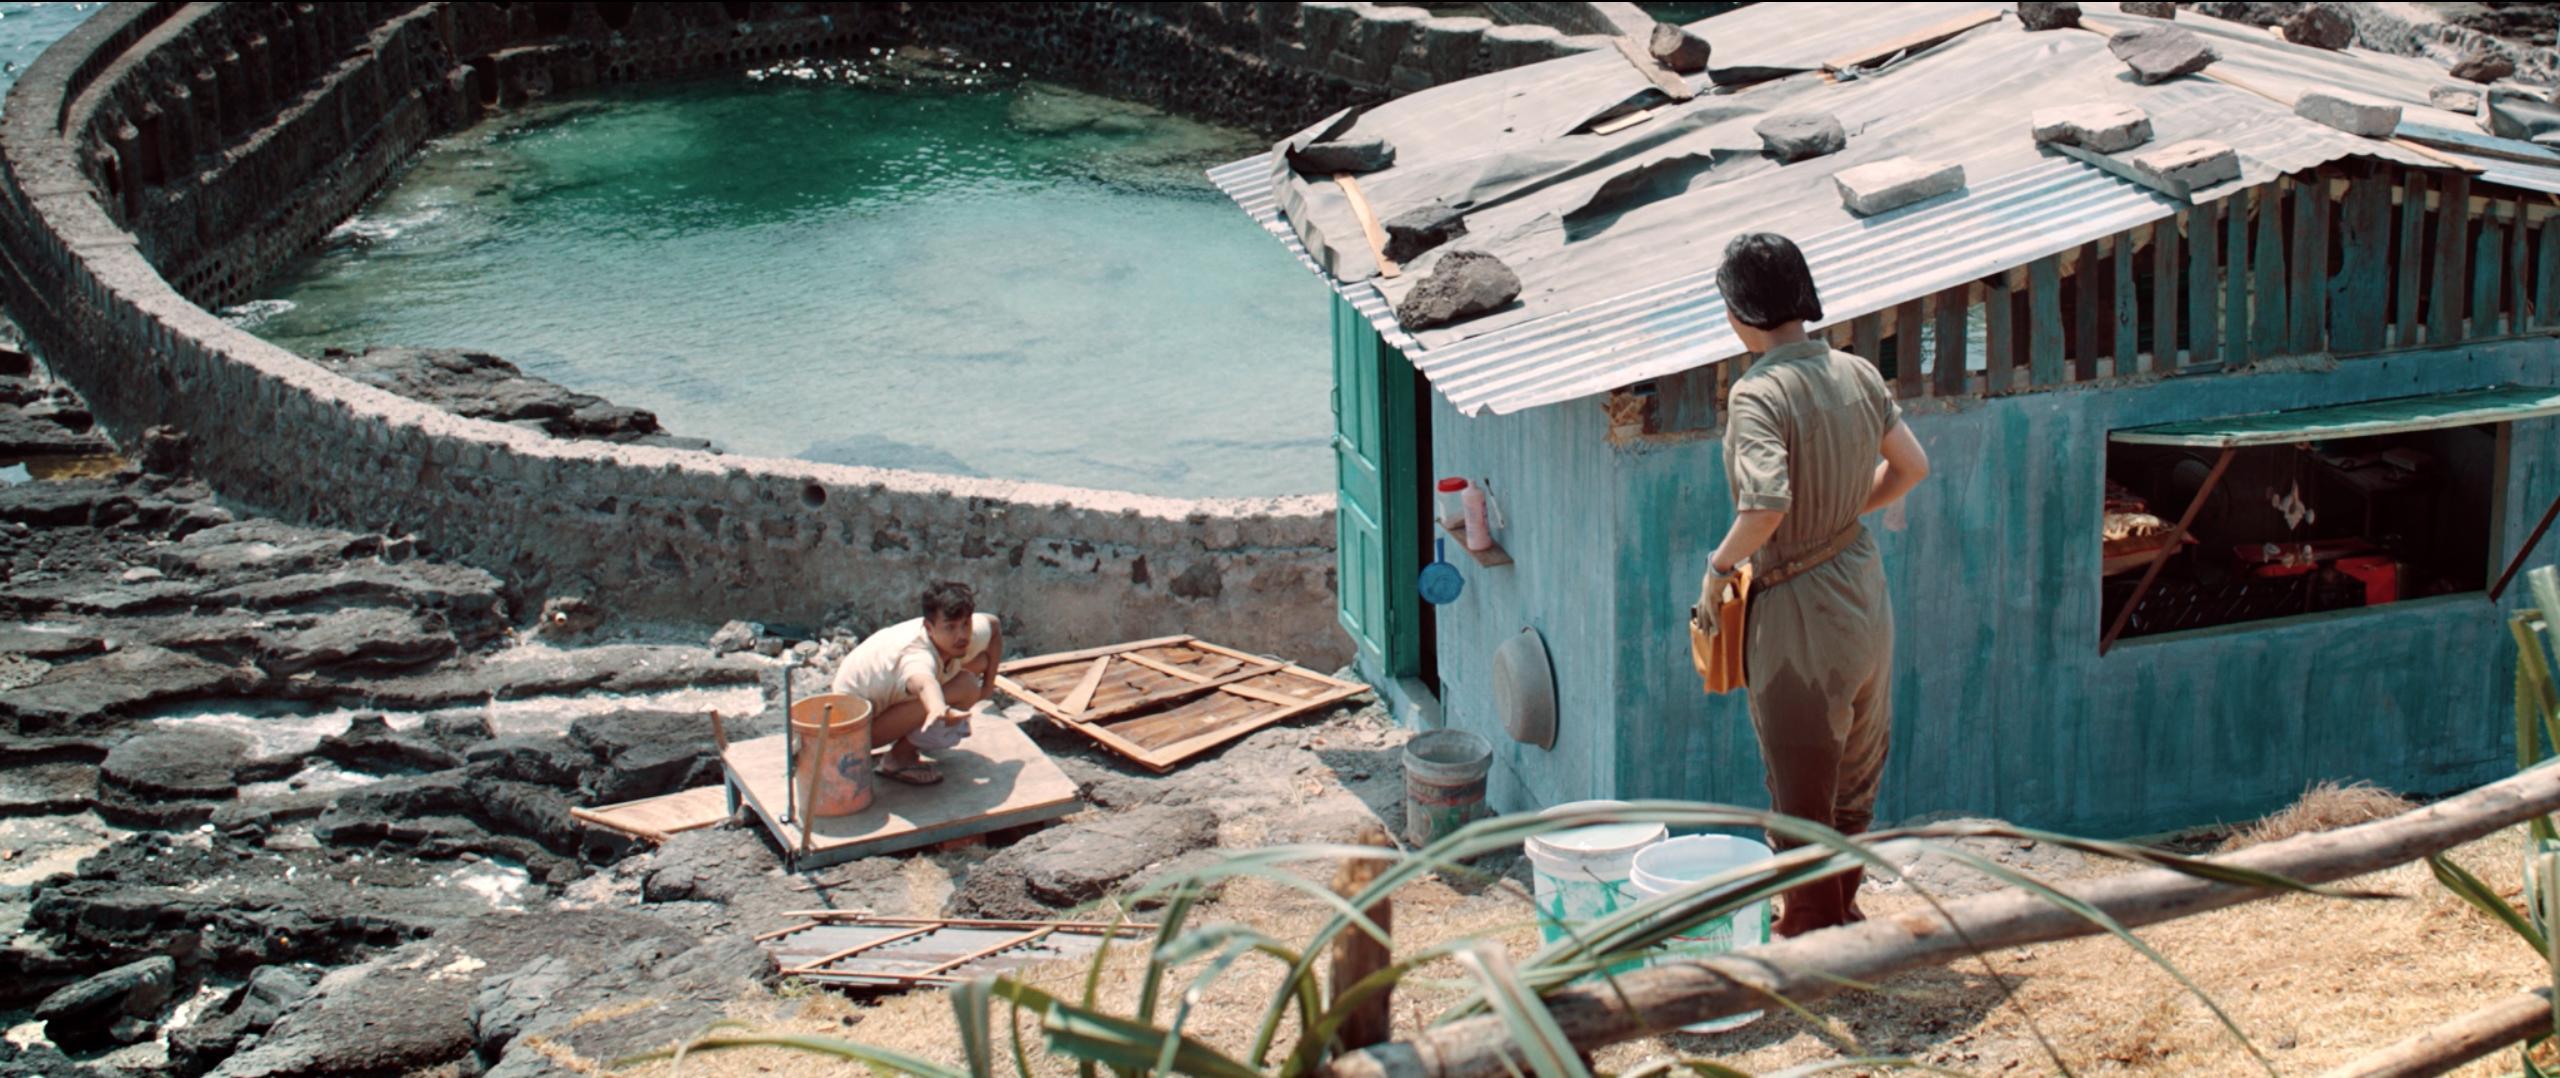 Anh Thầy Ngôi Sao tung trailer hé lộ tình cảnh thảm thương của Huyme khi ra đảo dạy học - Hình 3